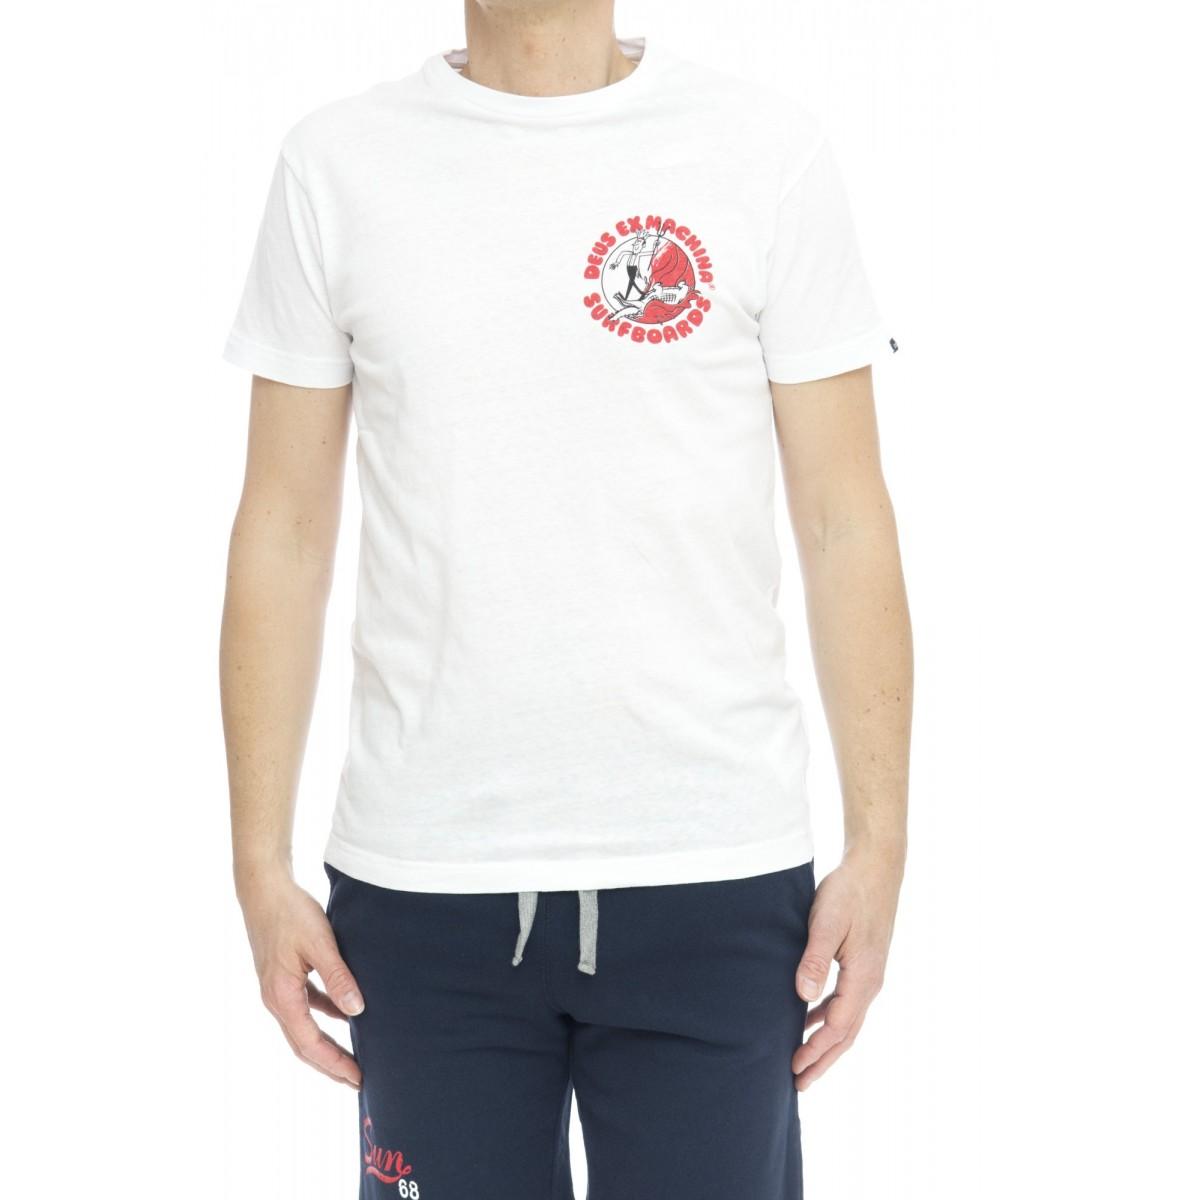 T-shirt - Dmp71467b